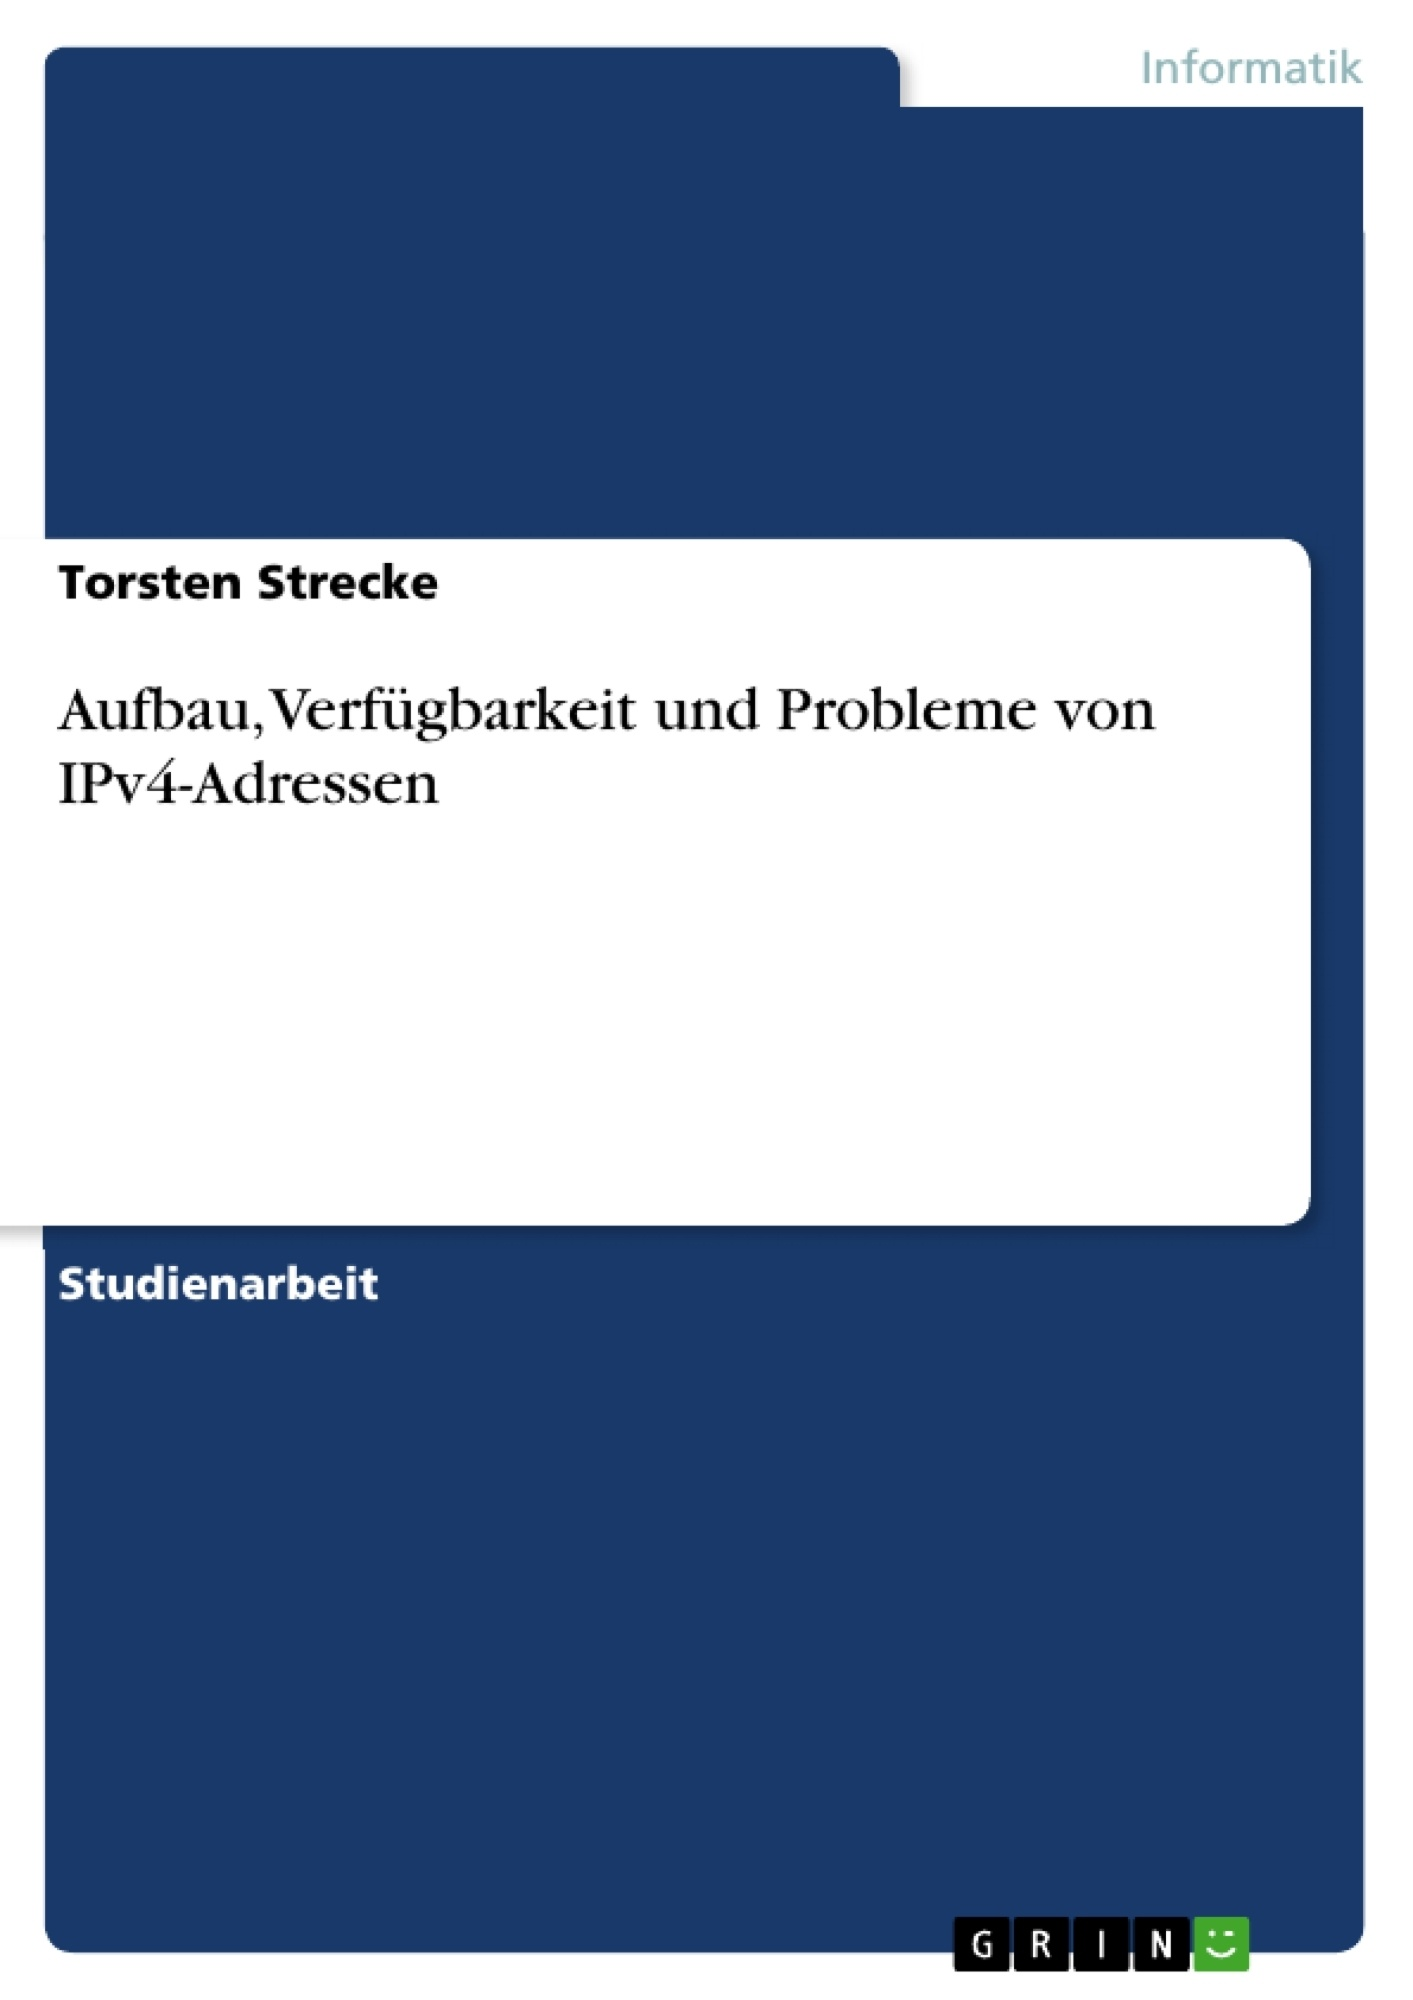 Titel: Aufbau, Verfügbarkeit und Probleme von IPv4-Adressen